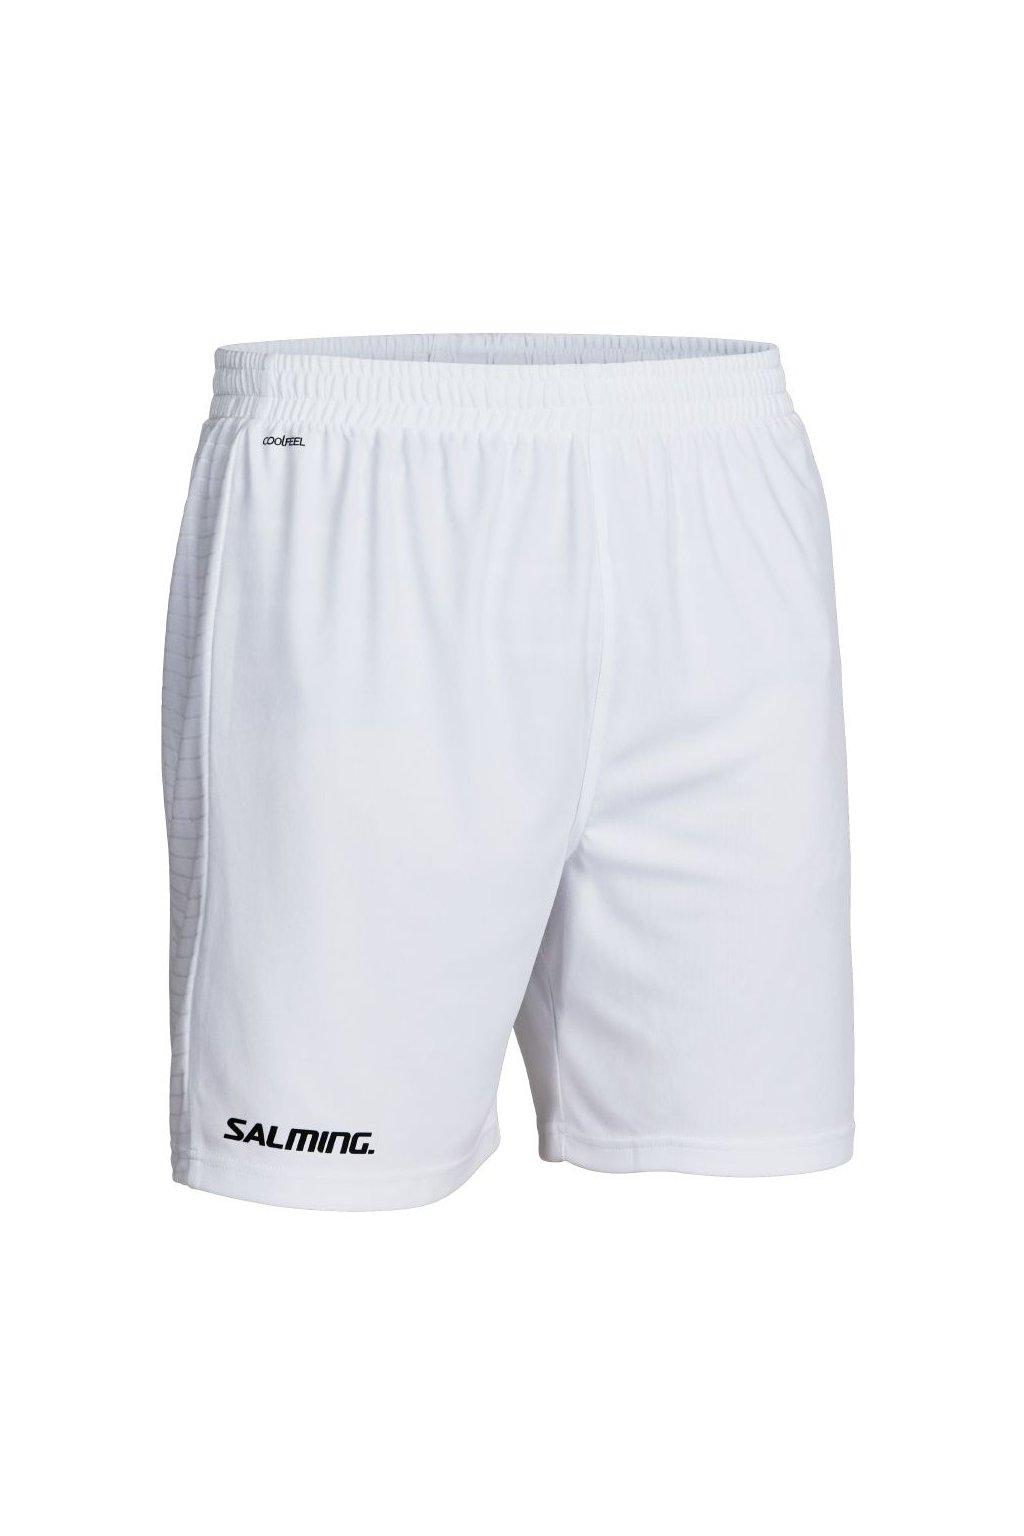 salming granite game shorts men (2)